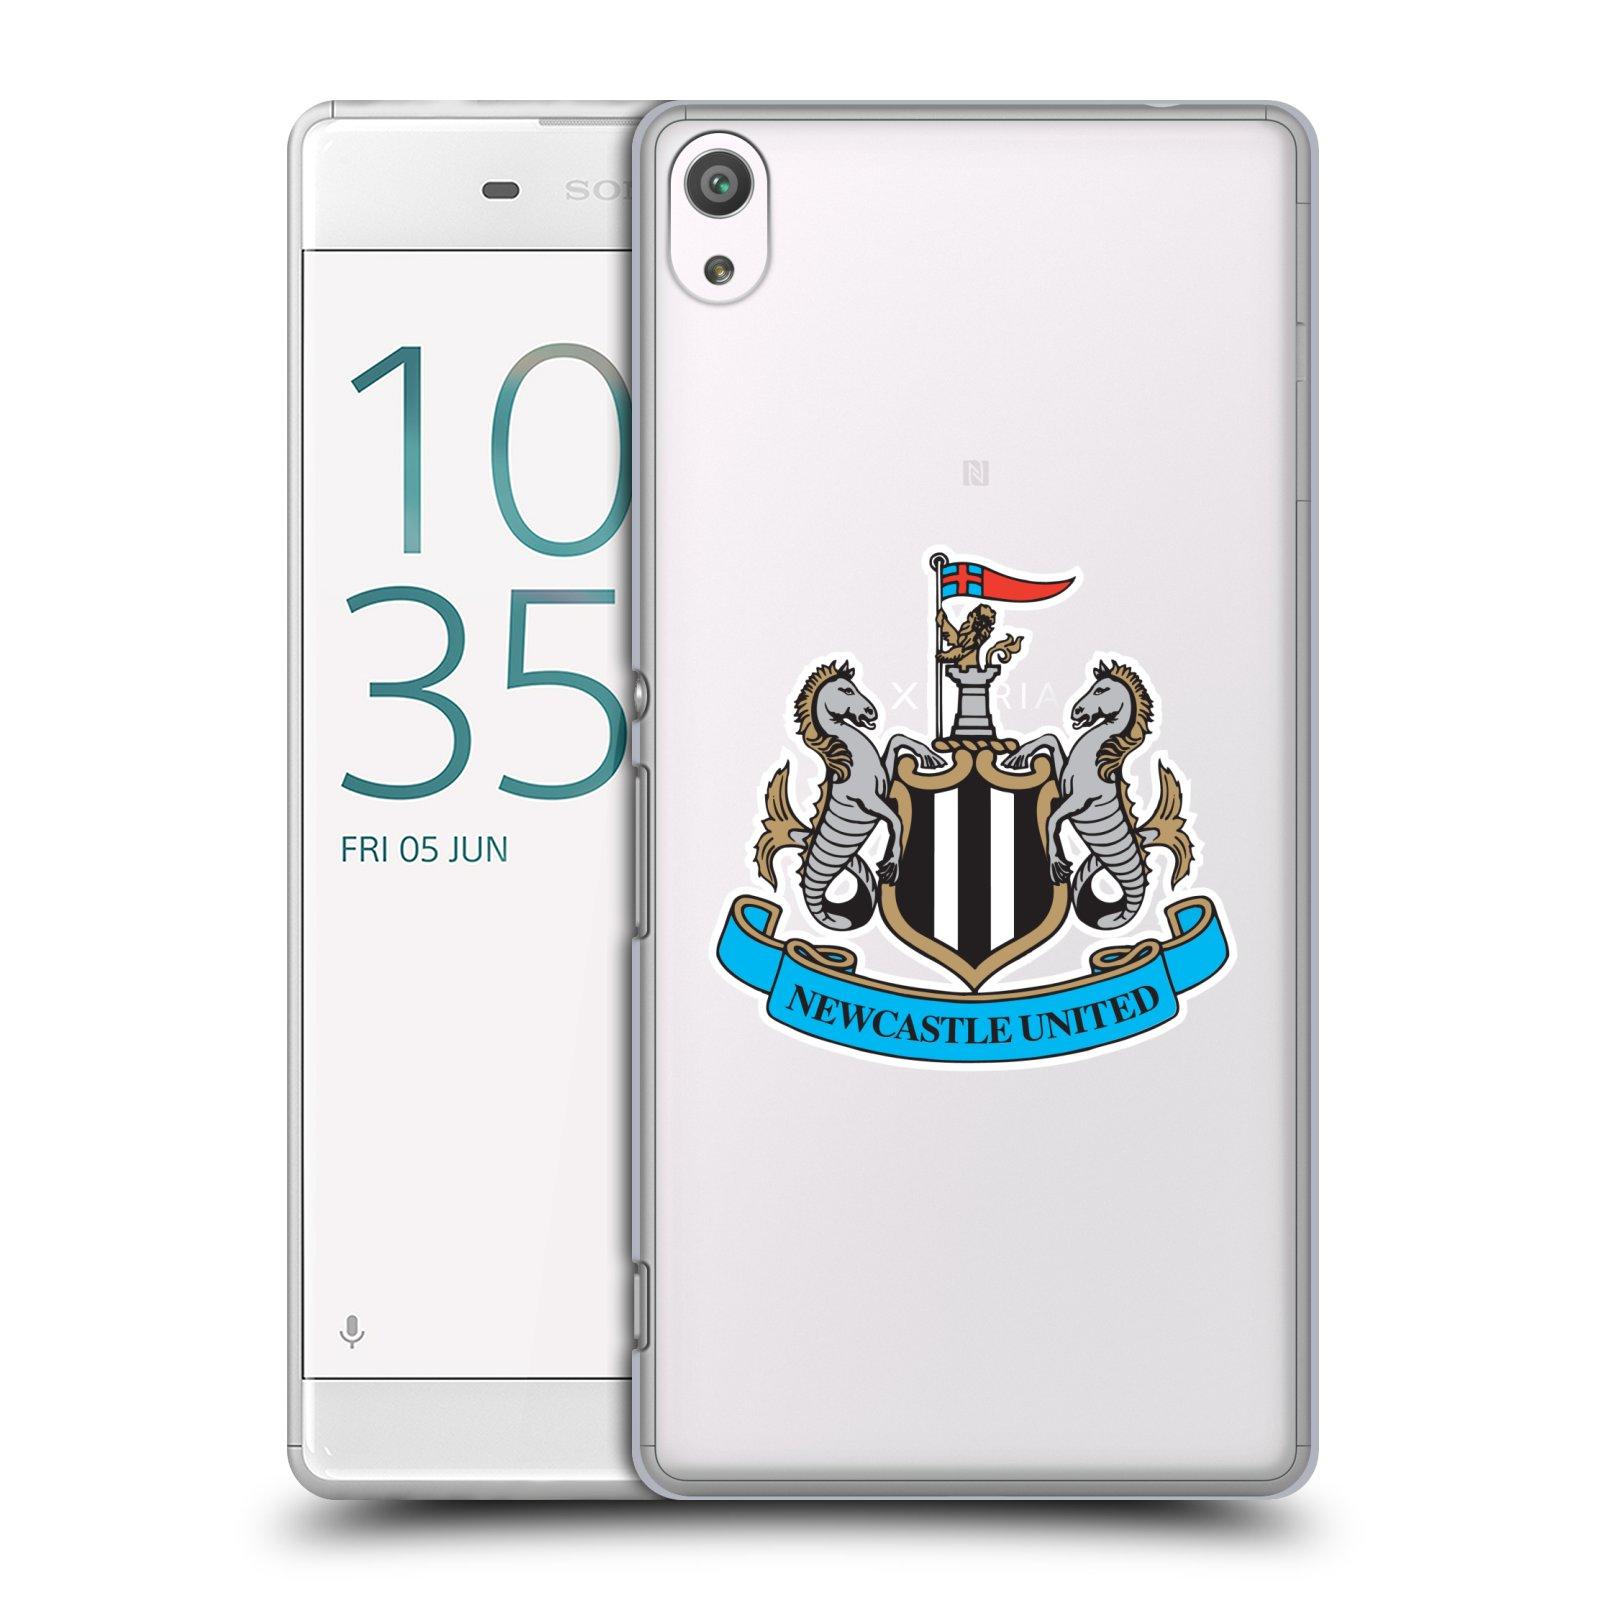 Plastové pouzdro na mobil Sony Xperia XA Ultra HEAD CASE Newcastle United FC - Čiré